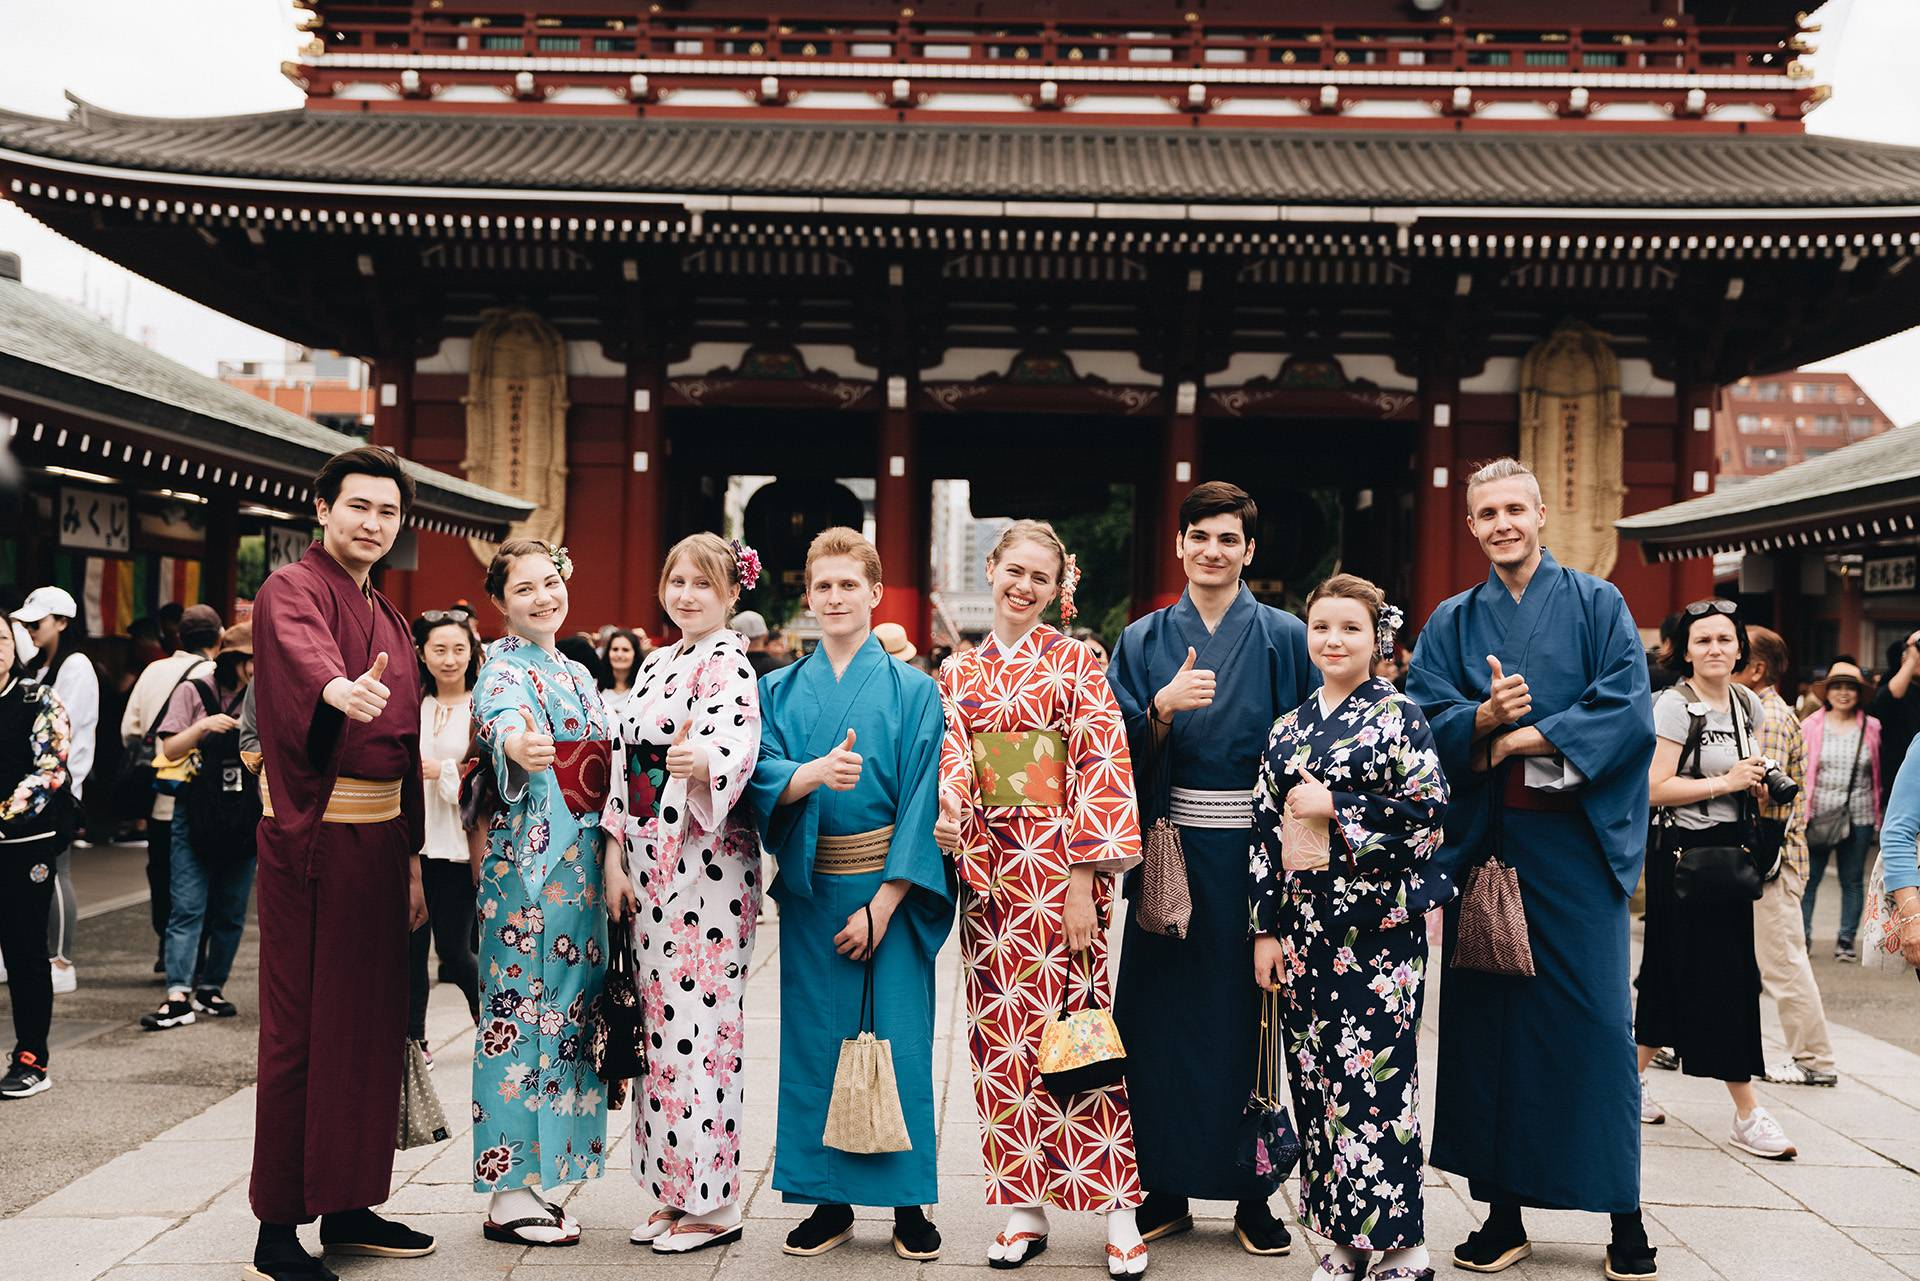 Система образования в японии - особенности обучения для иностранцев и прочие нюансы + отзывы